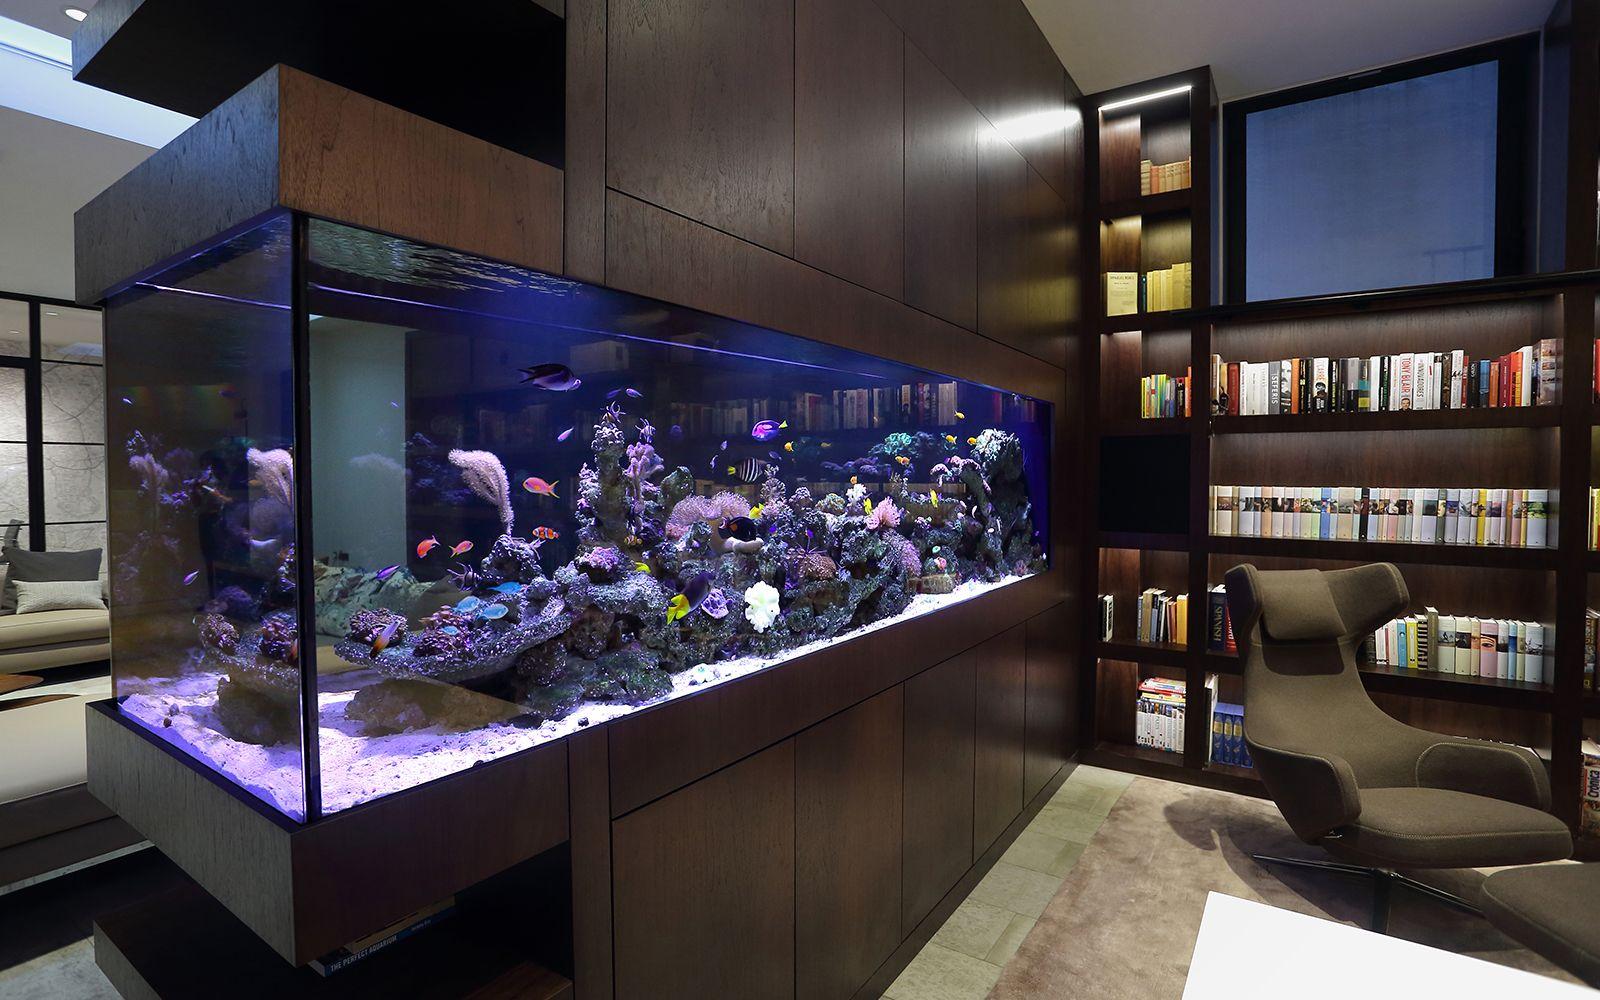 Goede Modern Aquarium Installation - Aquarium Architecture | Saltwater LF-04